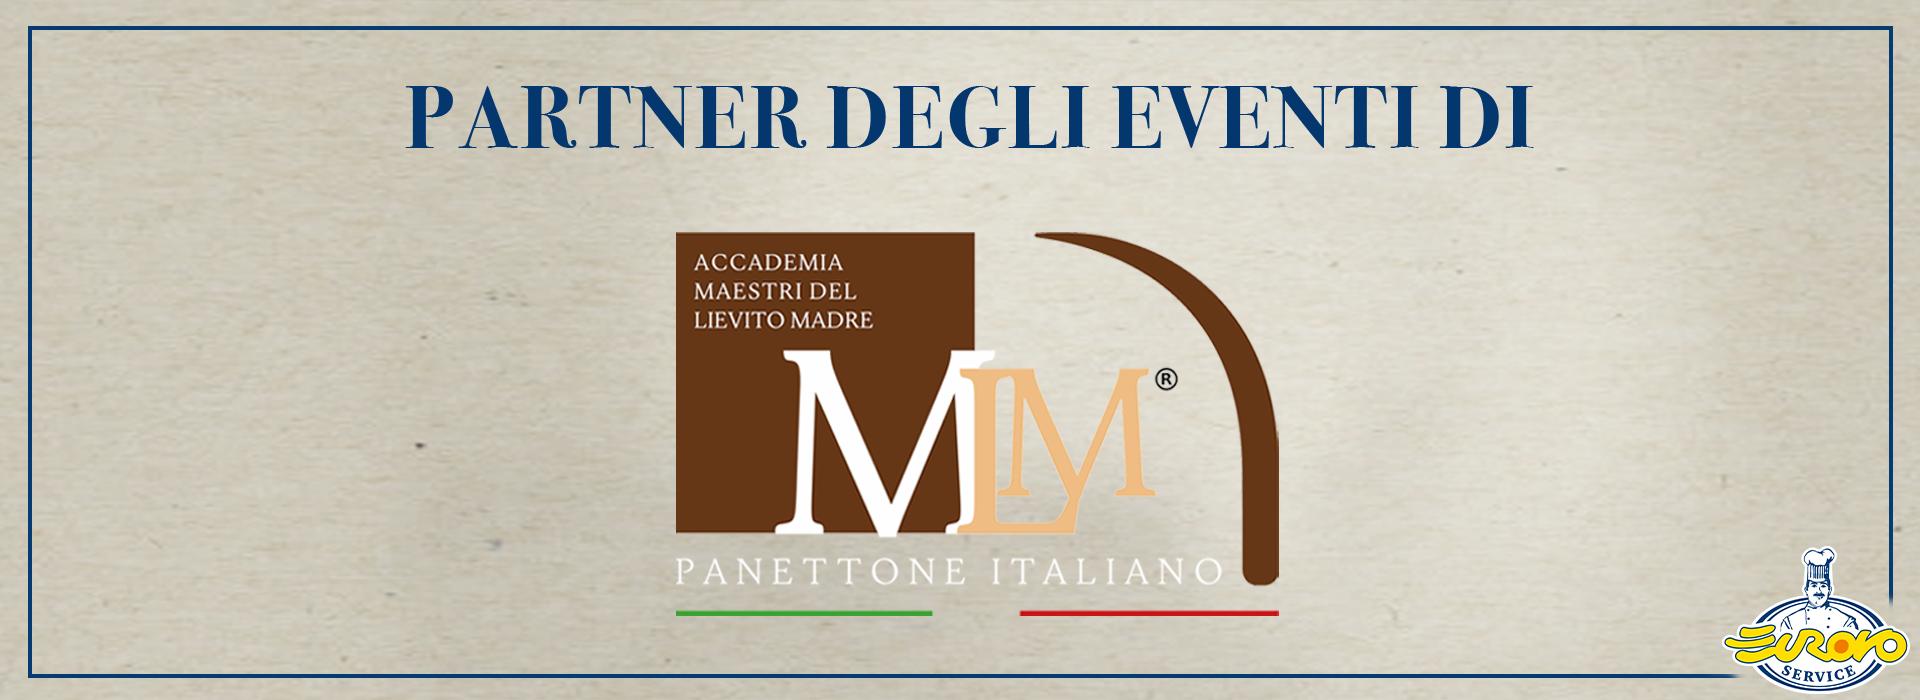 Al via la collaborazione con l'Accademia dei Maestri del Lievito Madre e del Panettone Italiano